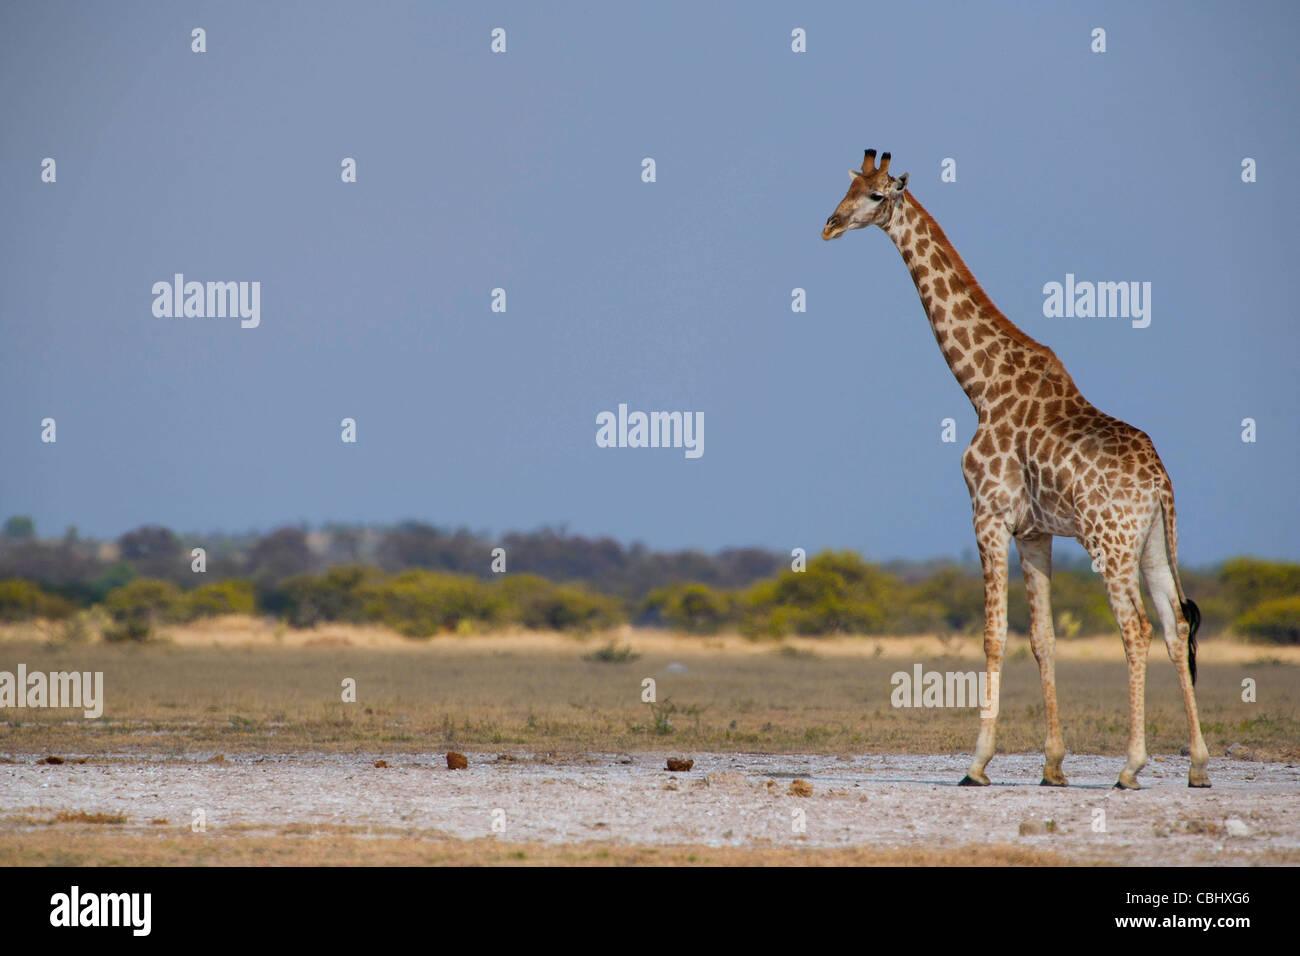 Una giraffa (Giraffa camelopardalis) acquisiti su una delle saline di Nxai Pan National Park, Botswana Immagini Stock